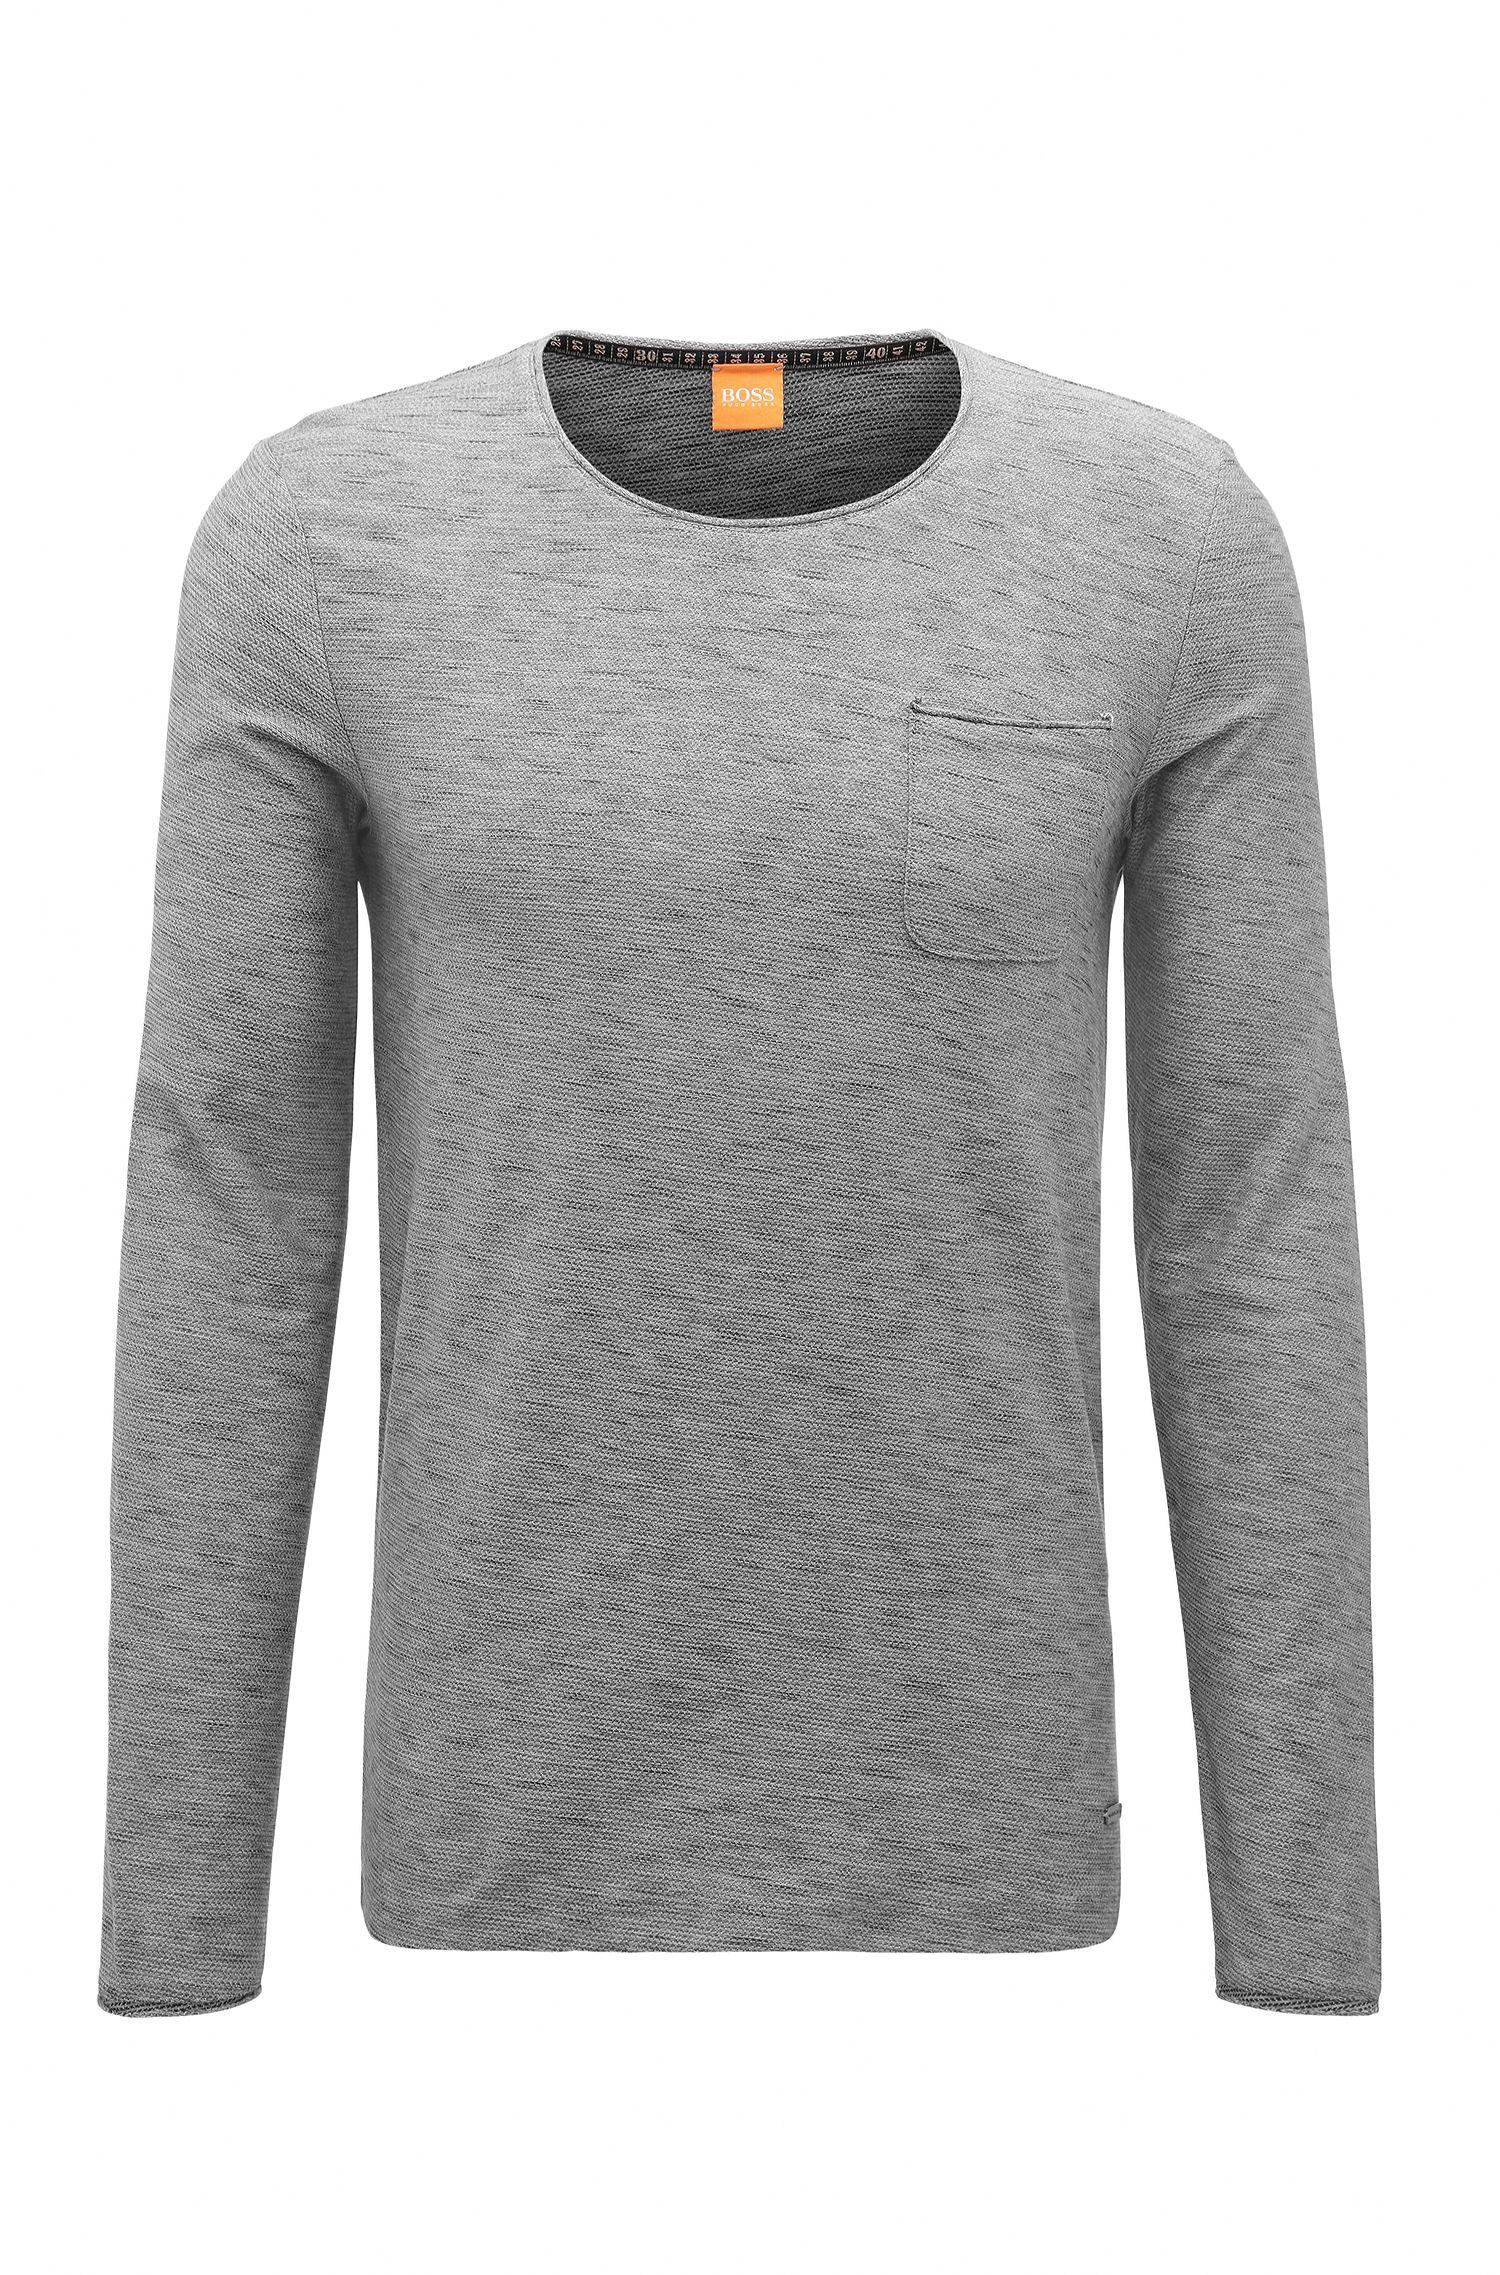 Regular-fit T-shirt met lange mouwen, van katoen met onafgewerkte details